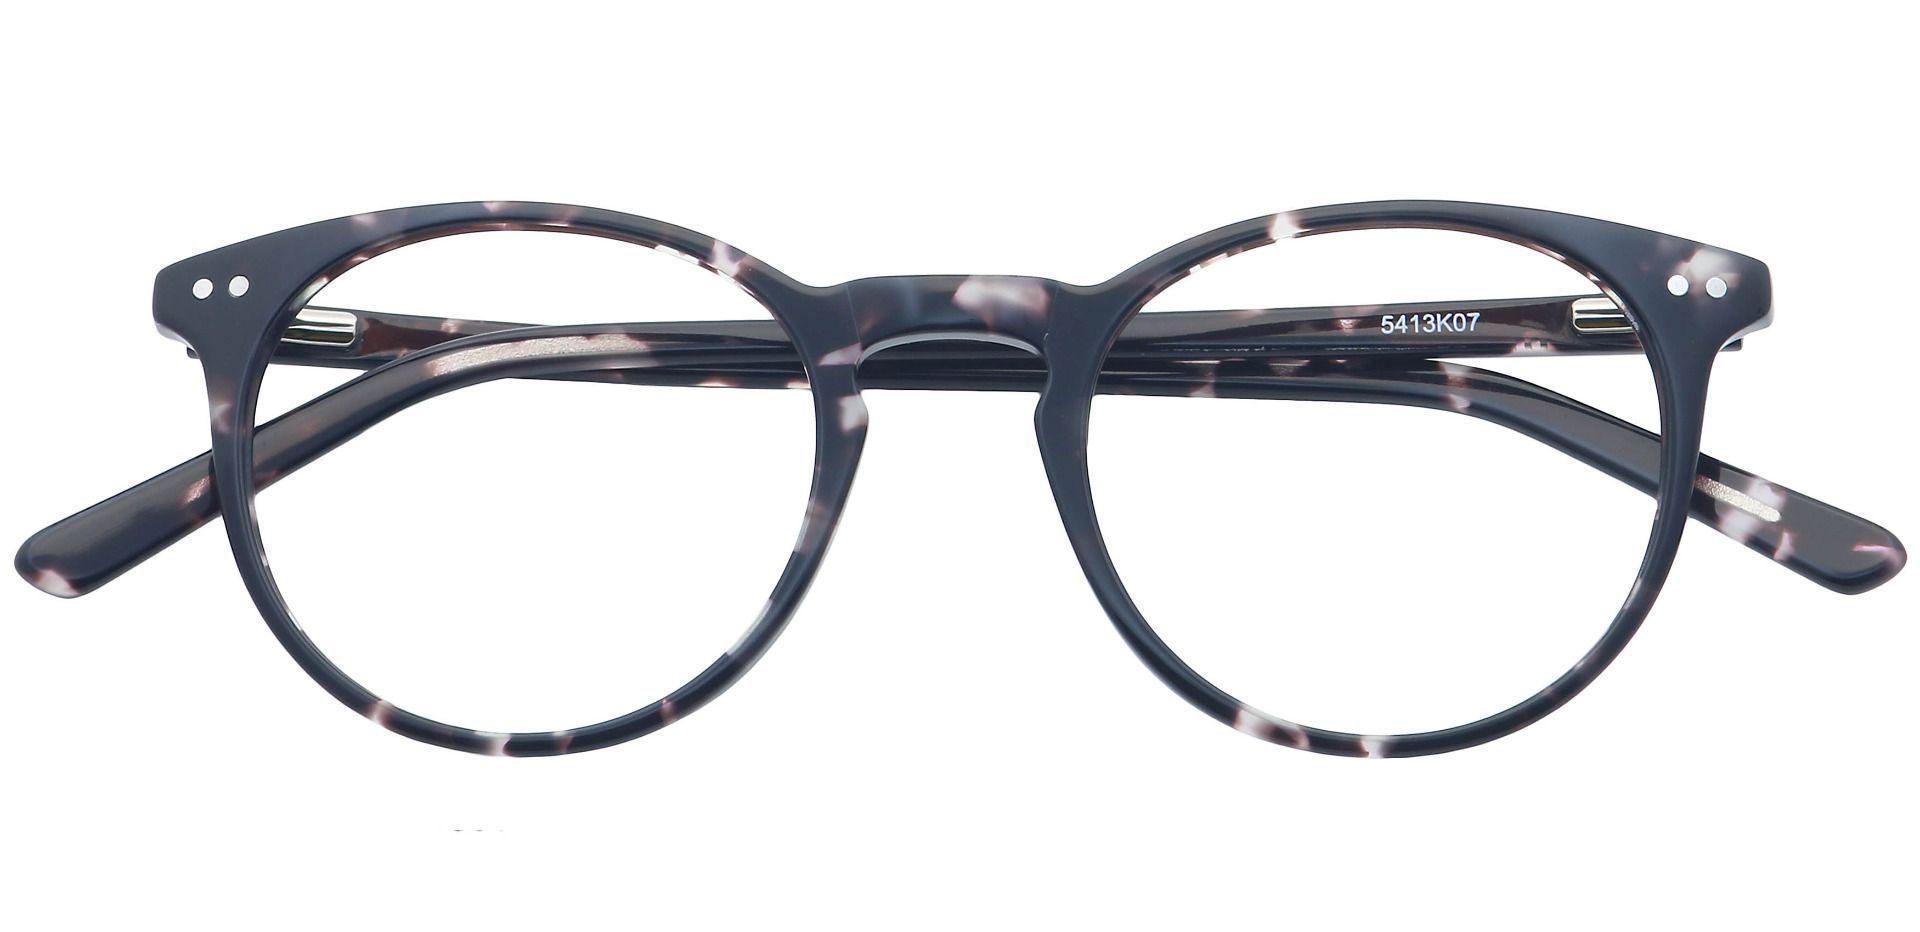 Carson Round Prescription Glasses - Black